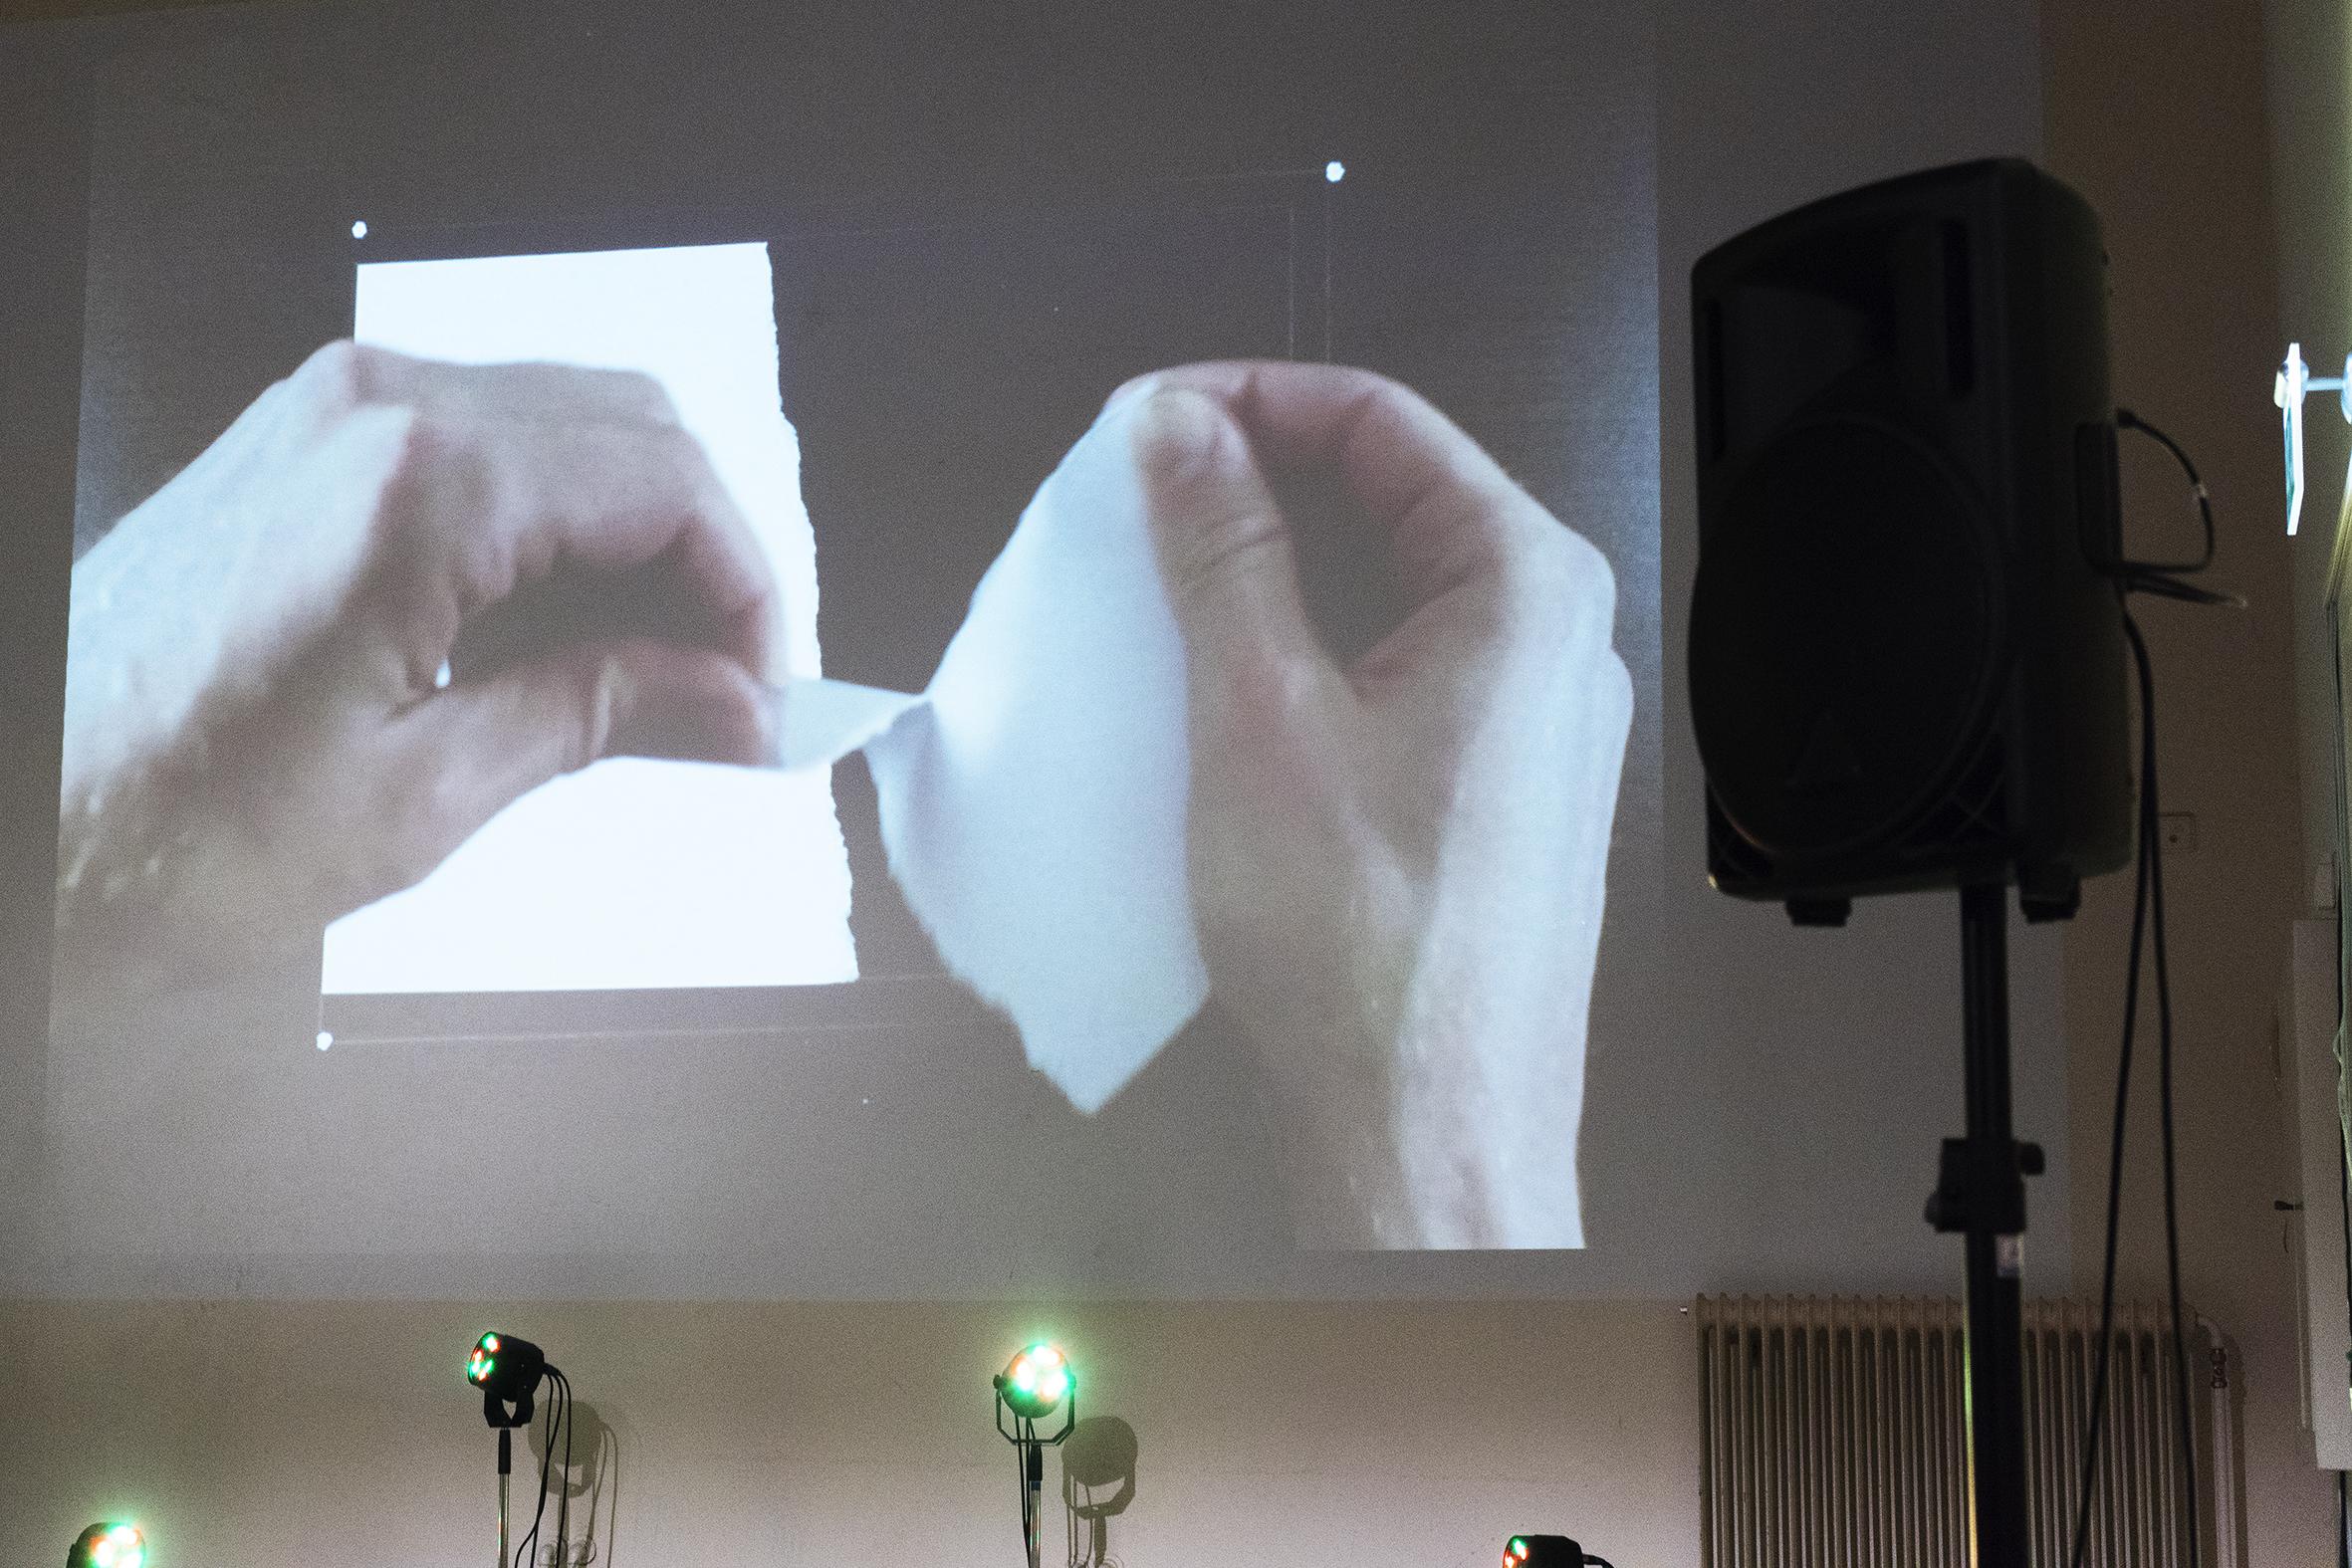 Handen scheuren stukjes papier